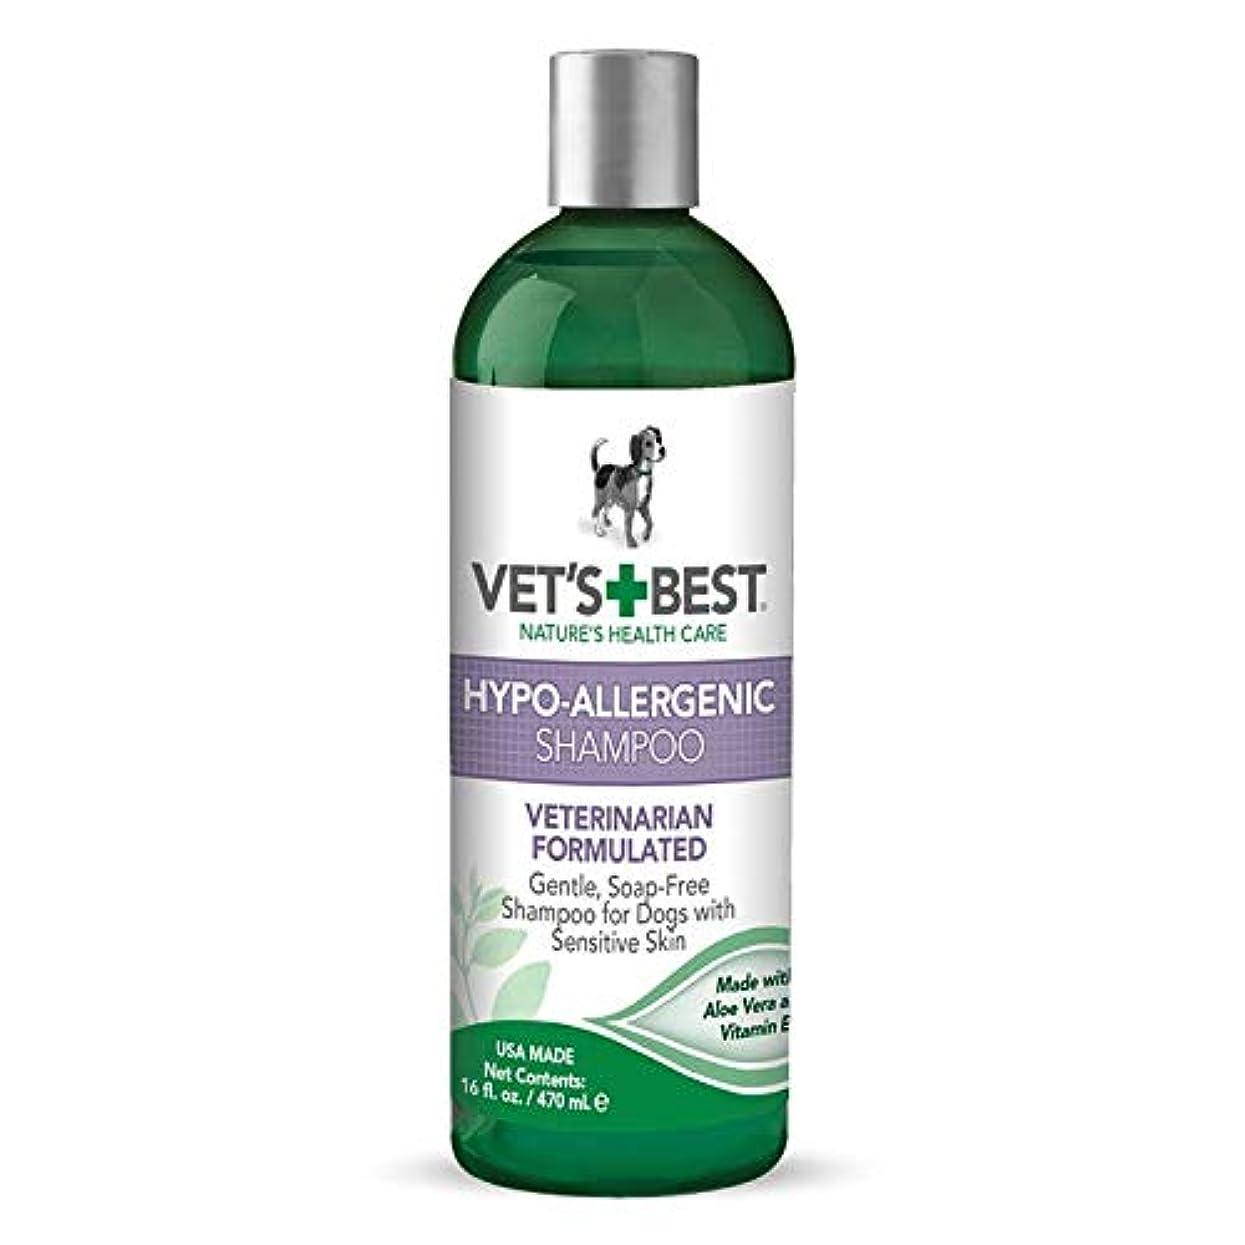 に話す残酷公爵夫人Vet's Best Natural Formula Hypo-Allergenic Shampoo Gentle Soap Free for Dog 16oz